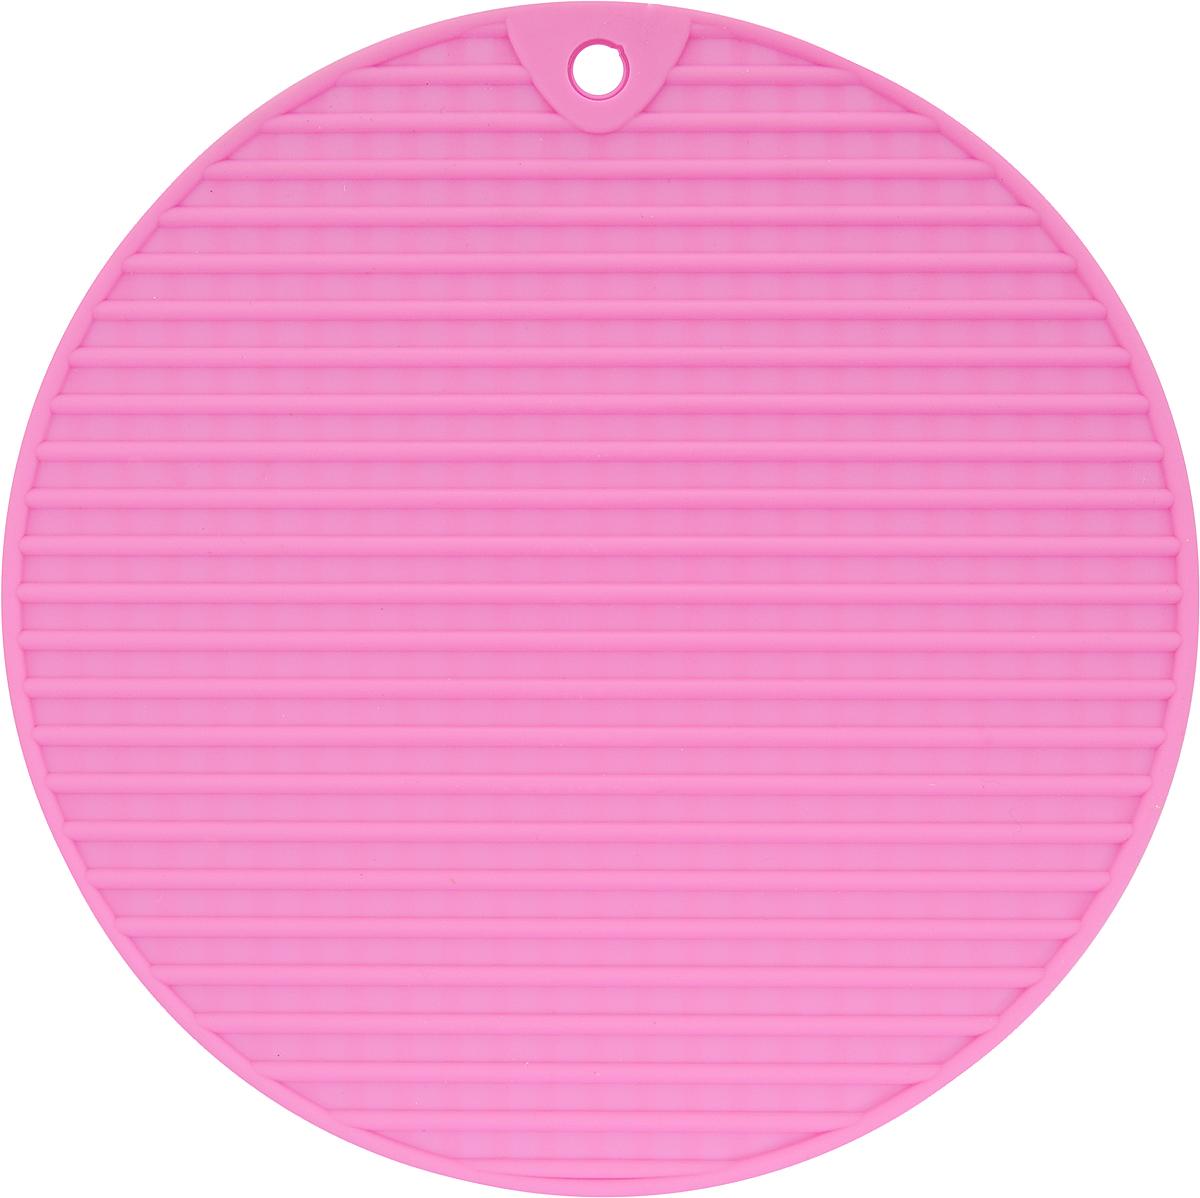 Подставка под горячее Доляна Круг, цвет: розовый, 18 см762761_розовыйСиликоновая подставка под горячее Доляна Круг - практичный предмет, который обязательно пригодится в хозяйстве. Изделие поможет сберечь столы, тумбы, скатерти и кленки от повреждения нагретыми сковородами, кастрюлями, чайниками и тарелками.